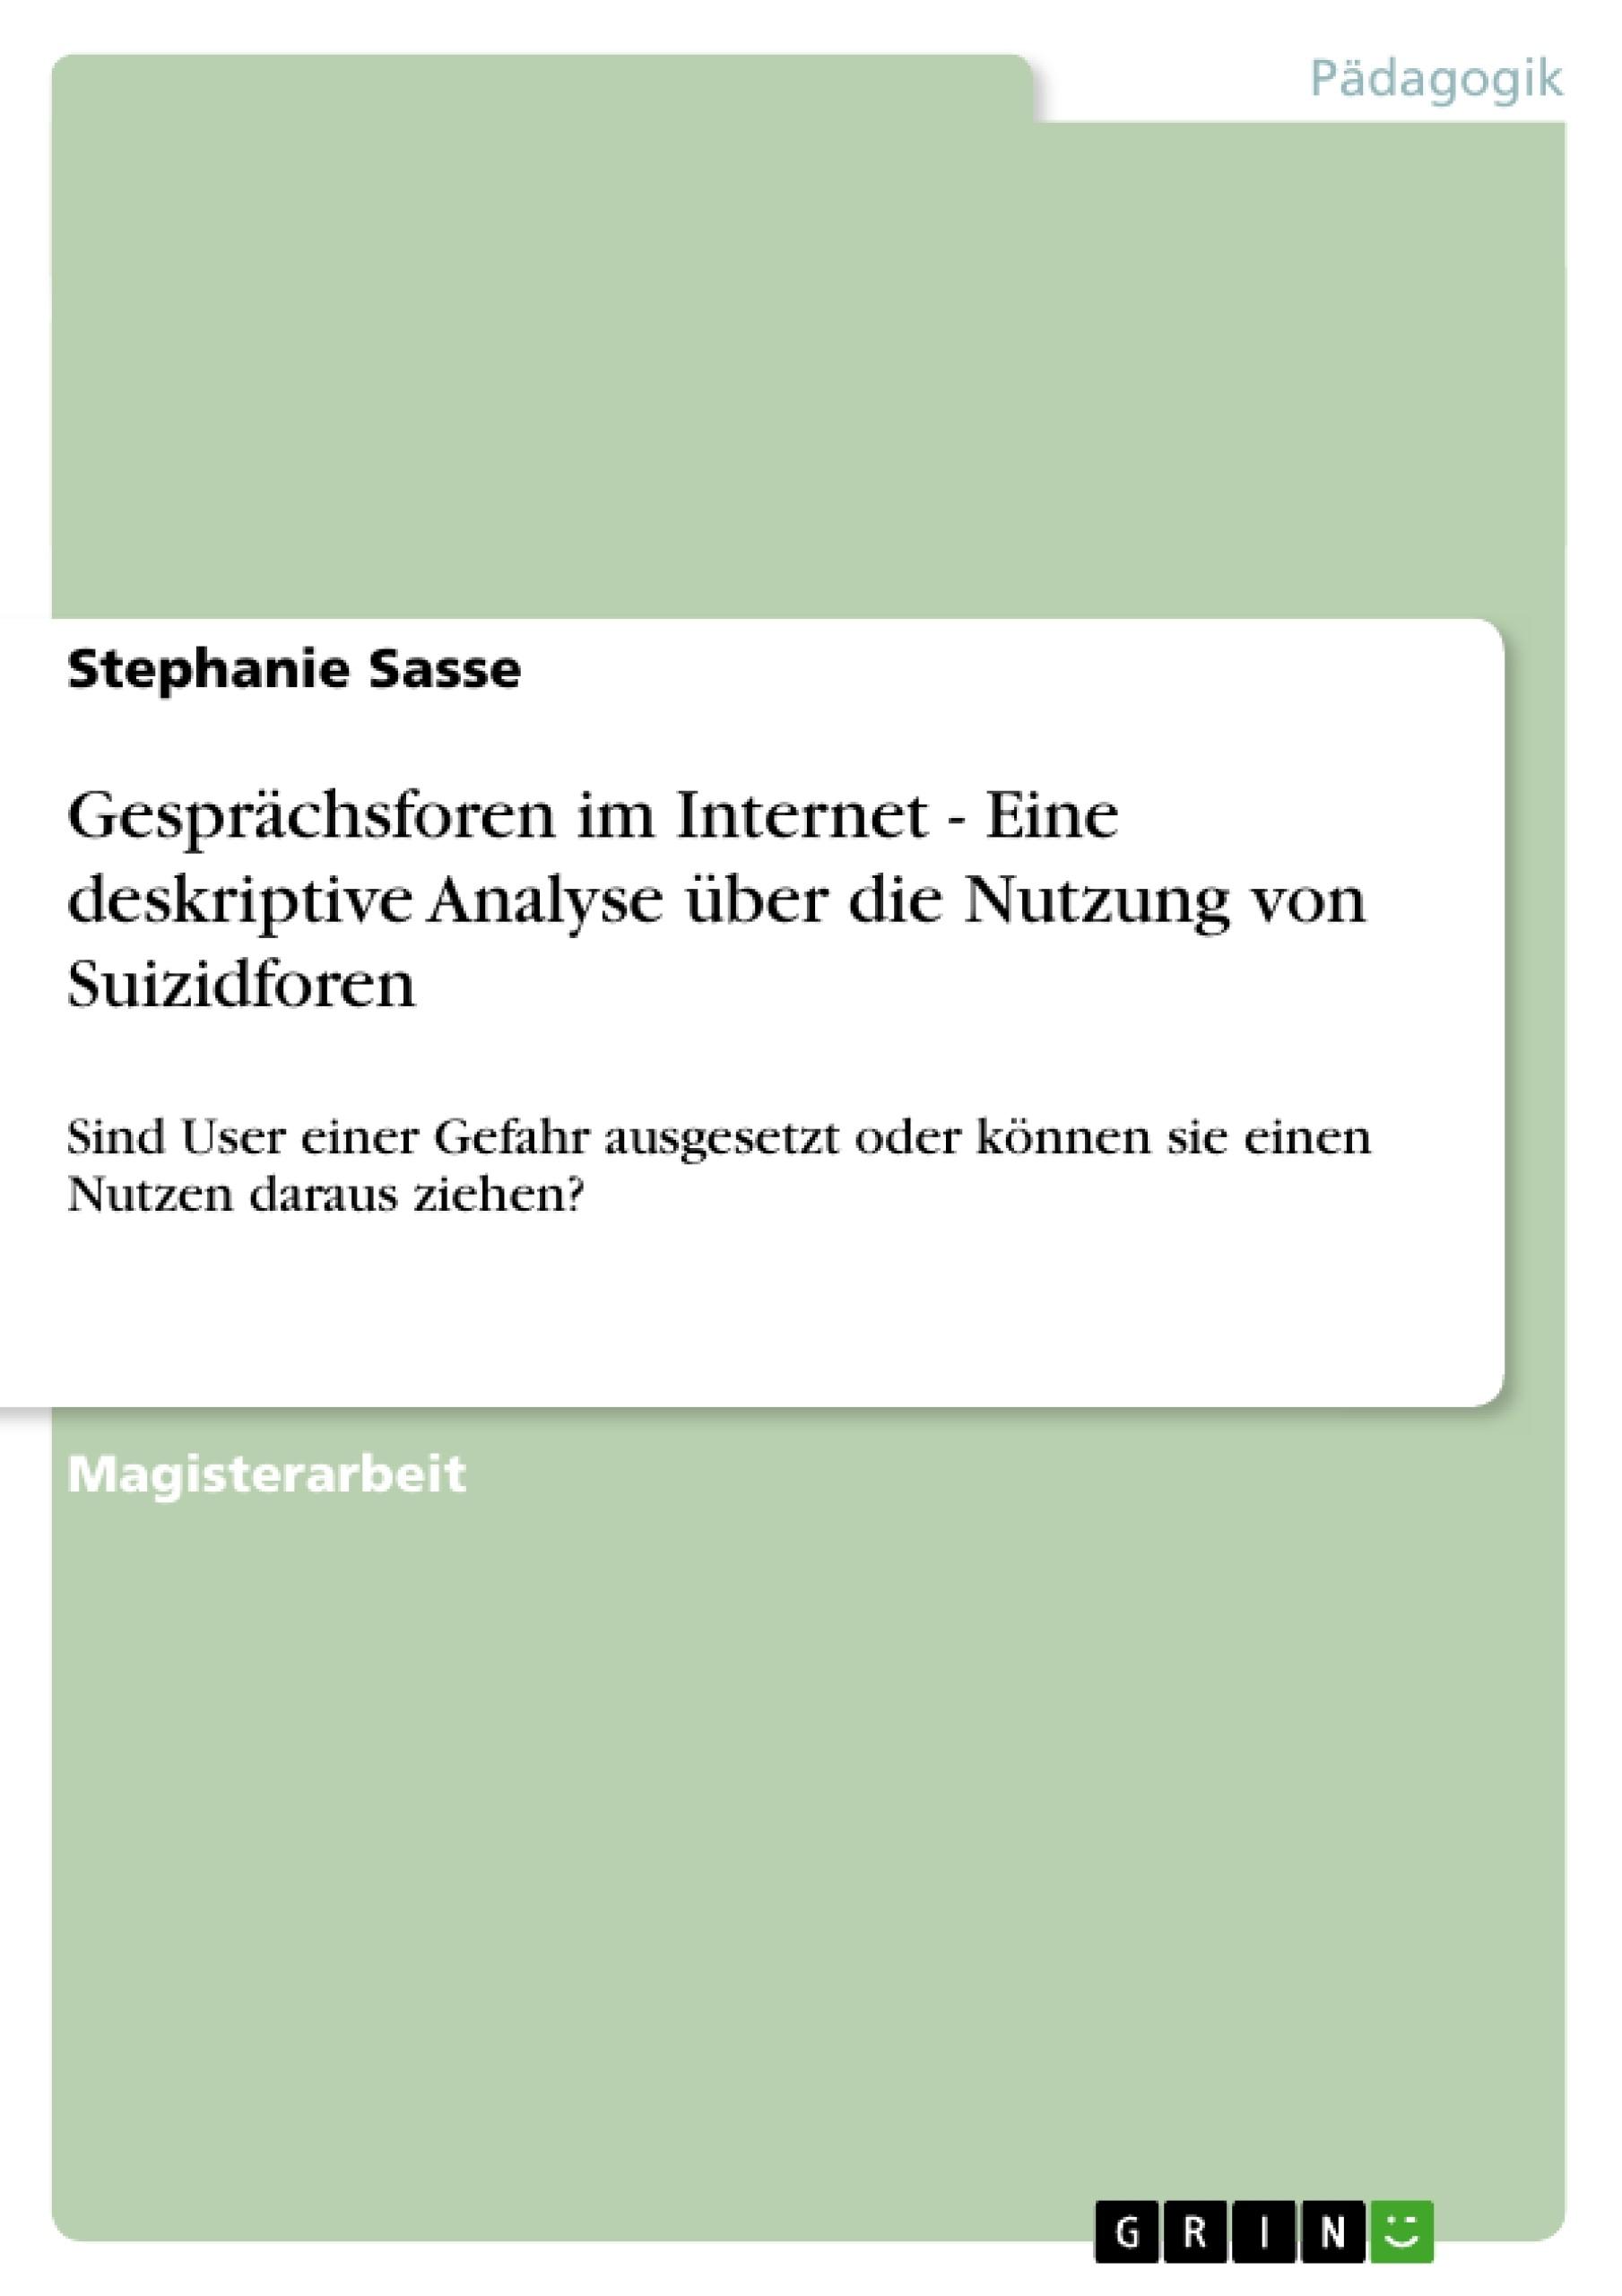 Titel: Gesprächsforen im Internet -  Eine deskriptive Analyse über die Nutzung von Suizidforen